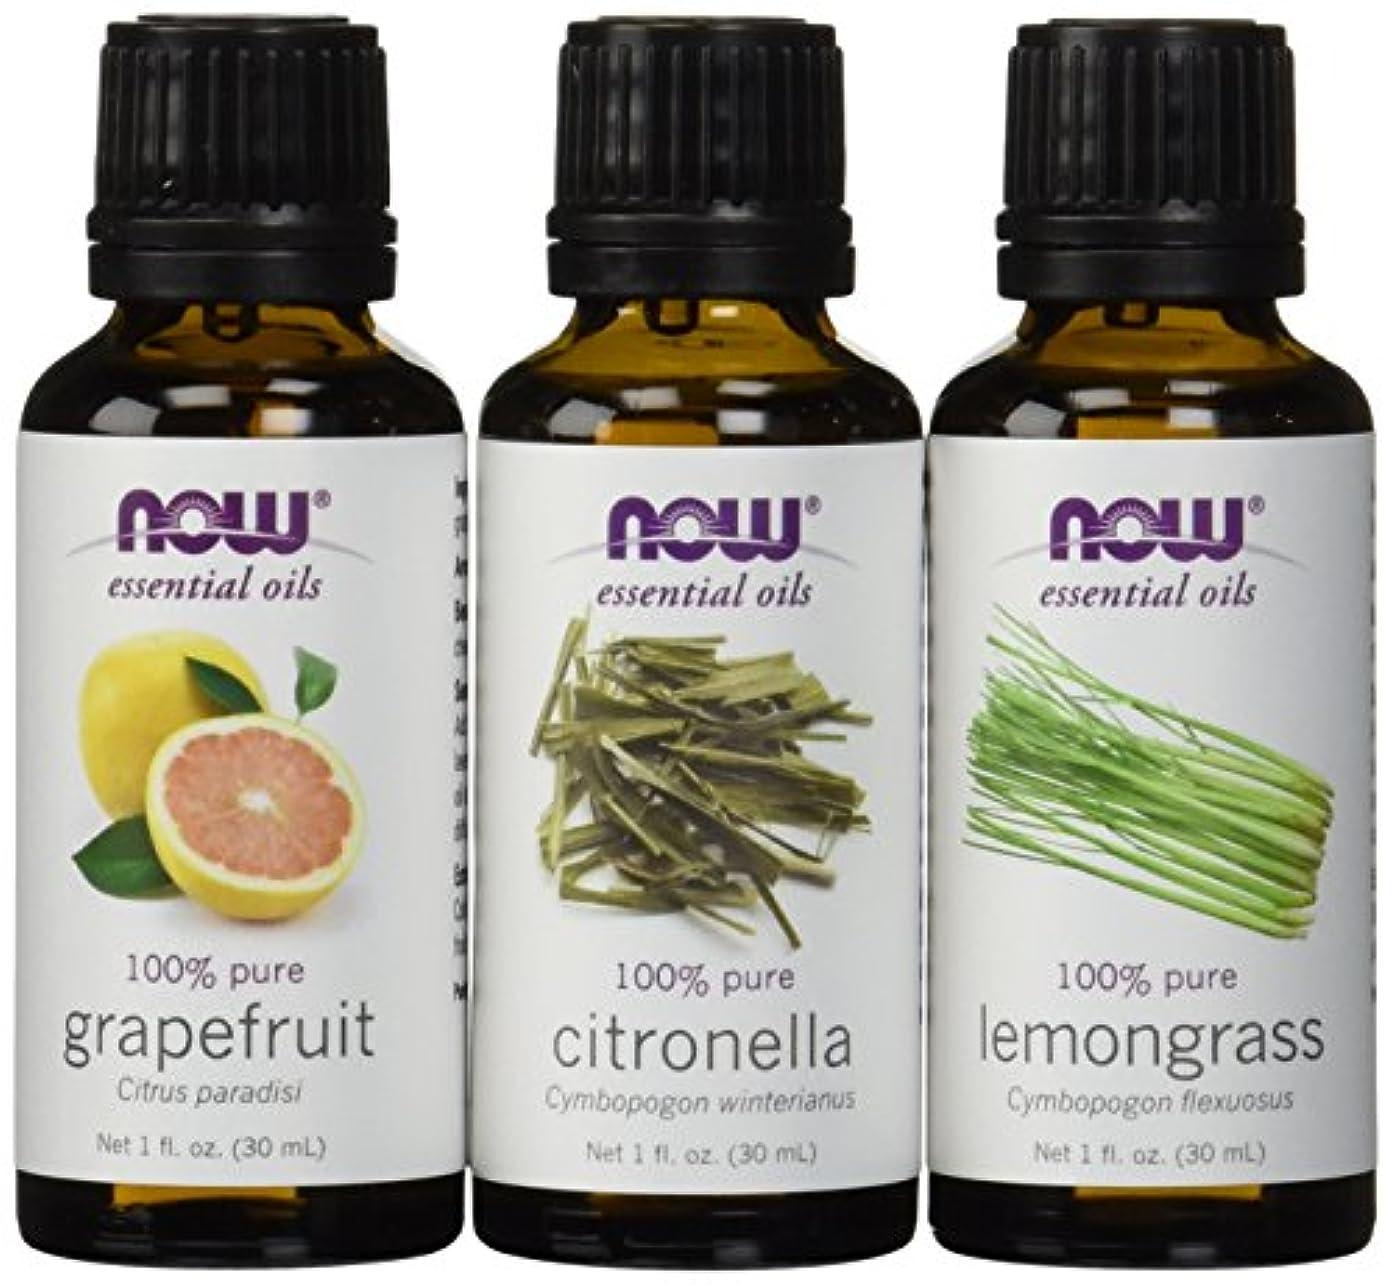 気づかない放出憲法虫除けに ナウフーズ エッセンシャルオイルブレンド:シトロネラ?レモングラス?グレープフルーツ[各30ml] NOW Essential Oils: Mosquito Repellent Blend - Citronella...